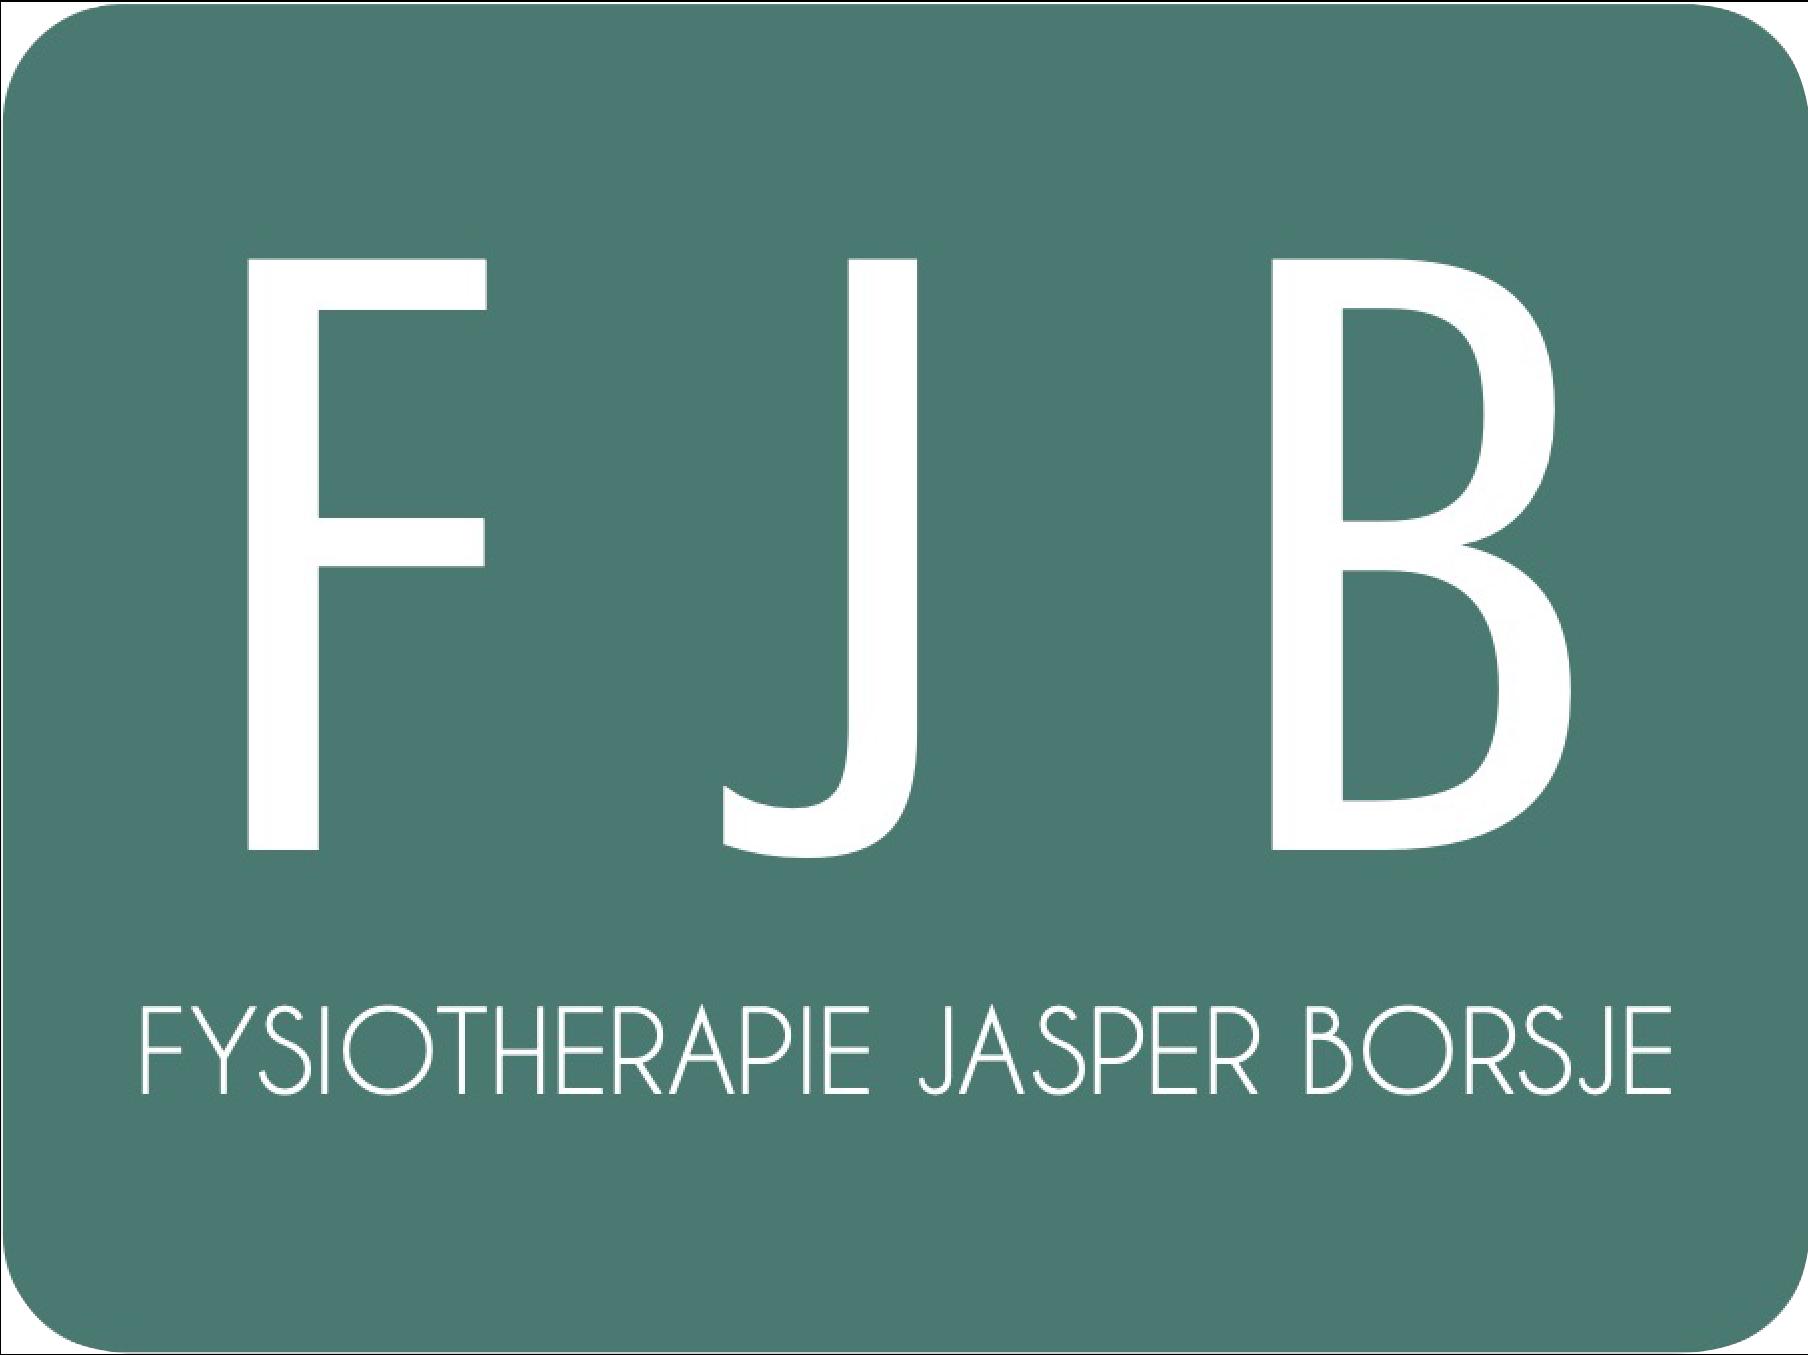 Fysiotherapie Jasper Borsje